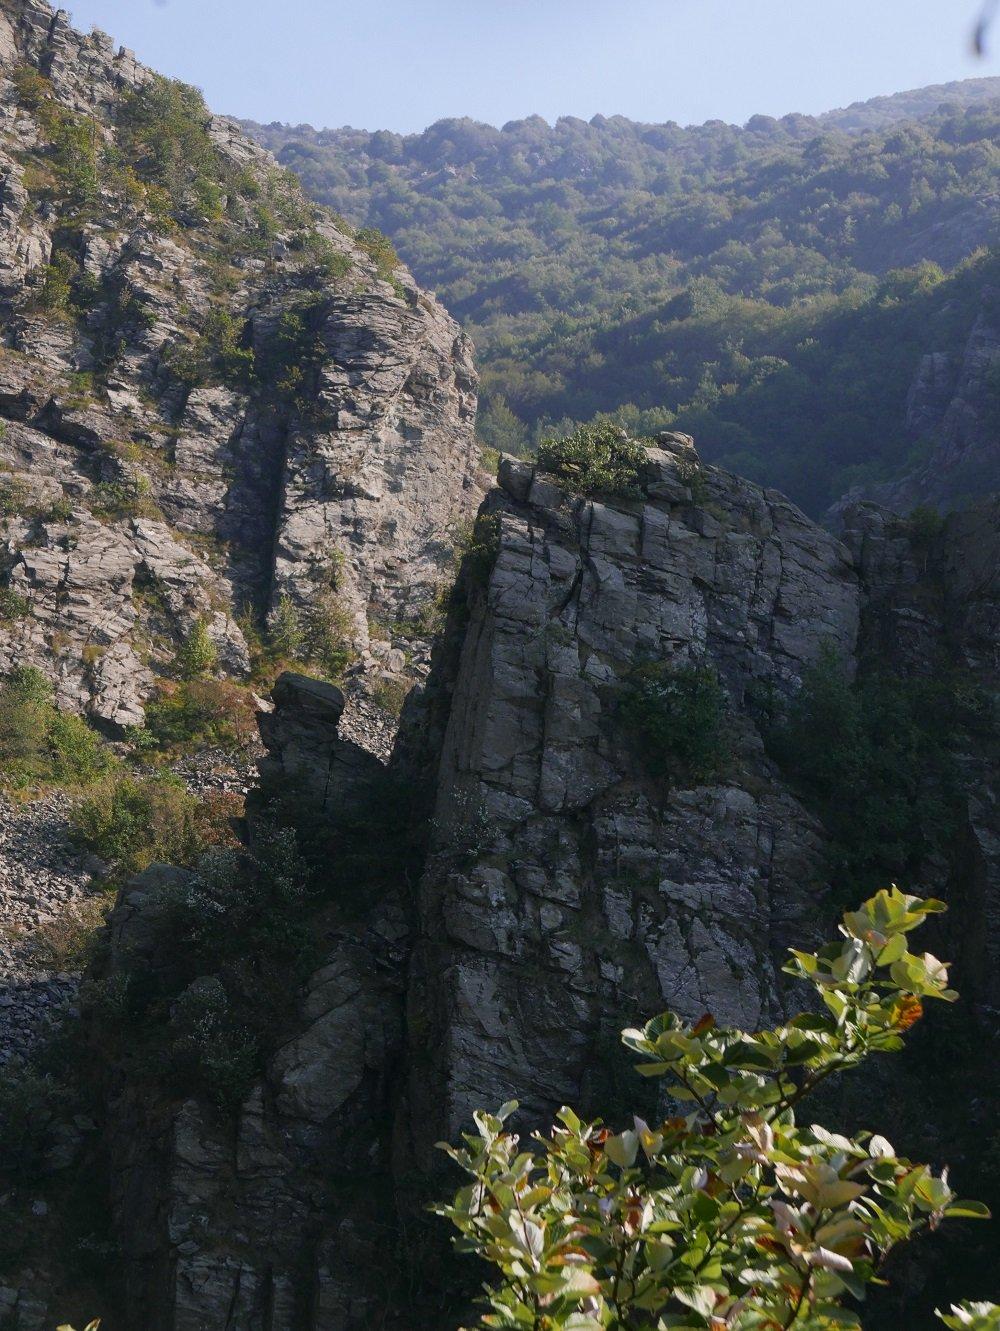 Il versante settentrionale della Rocca con il profilo del caratteristico fungo